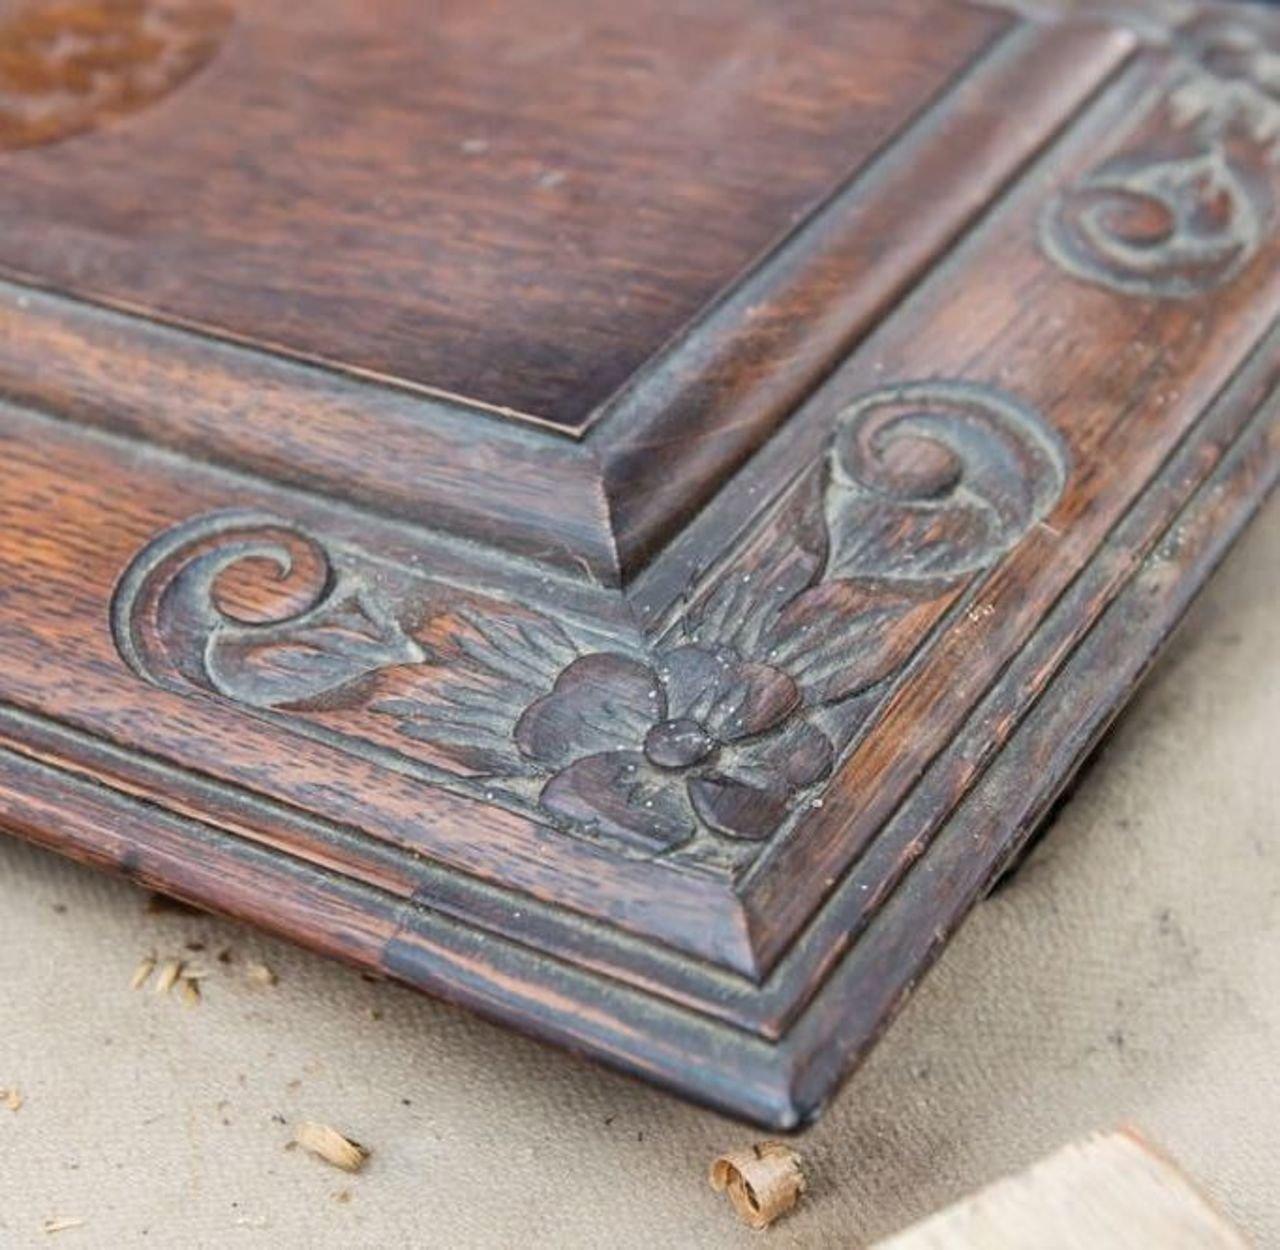 浅浮き彫りはチューダー様式のみならず、その後のさまざまな様式の家具に用いられてきた。